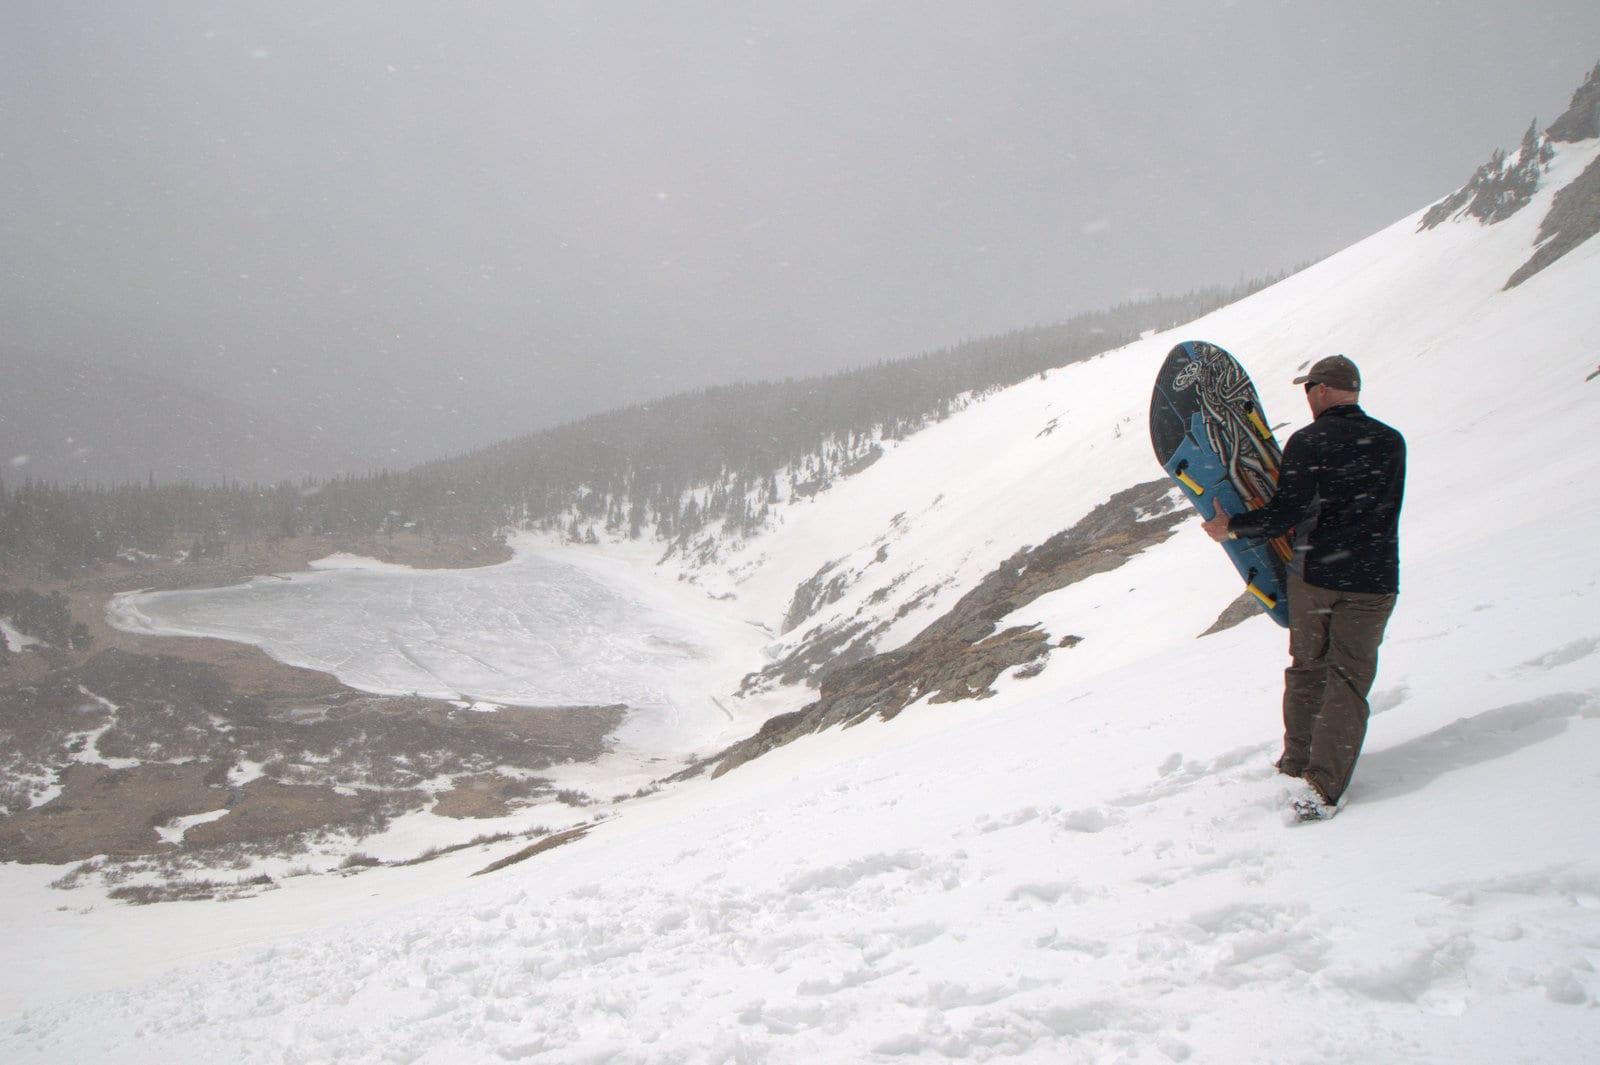 Snowboarder at St Mary's Glacier Colorado